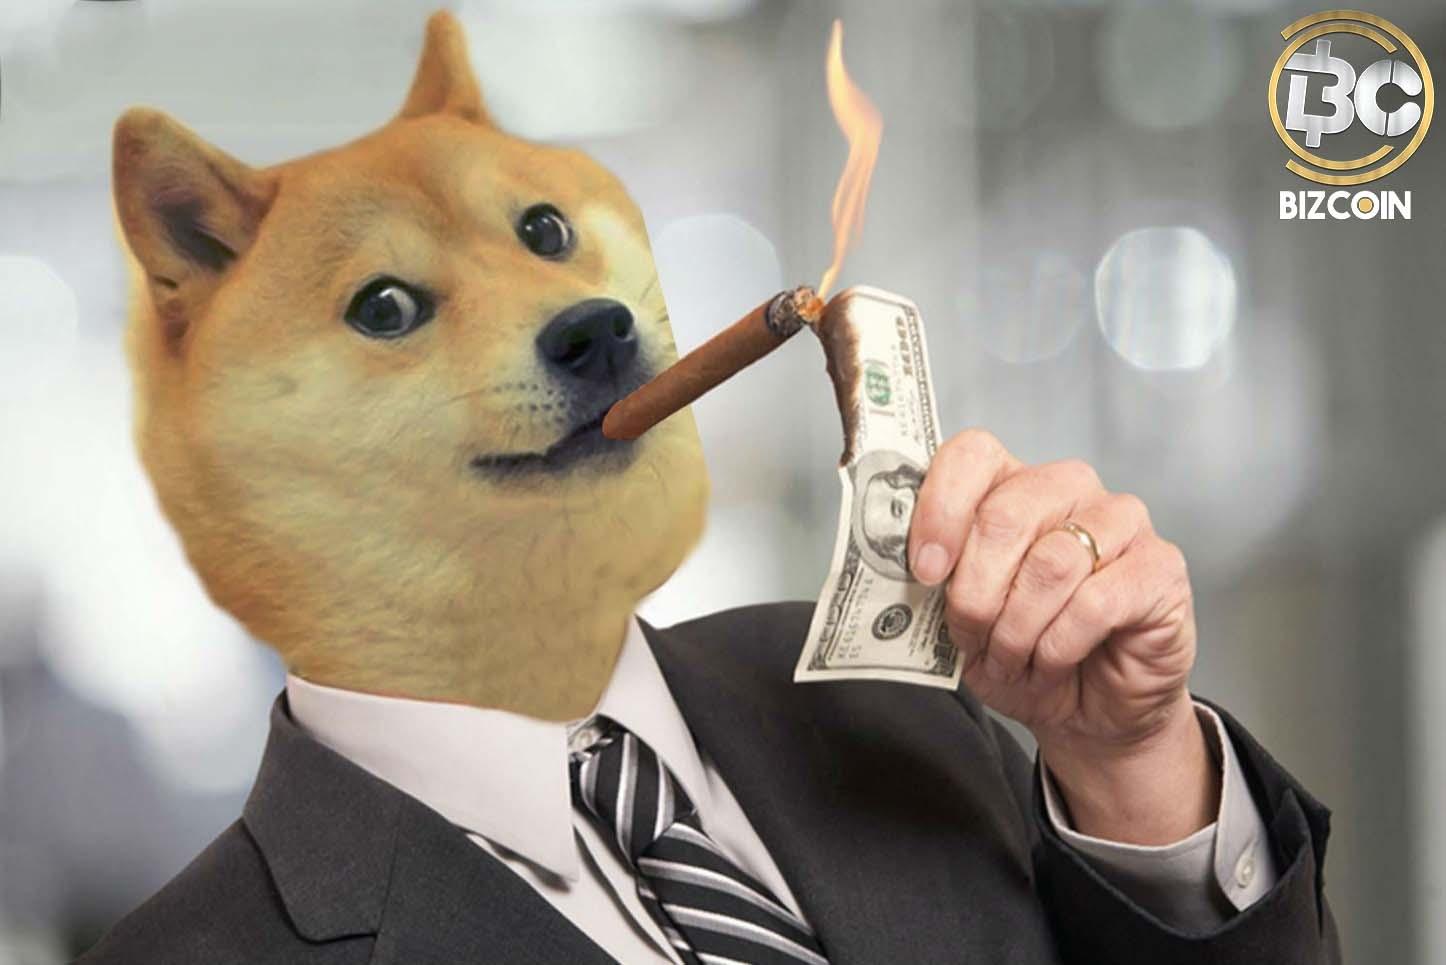 buy dogecoin 8 خرید دوج کوین   فروش دوج کوین   راهنمای کامل سرمایه گذاری در دوج کوین